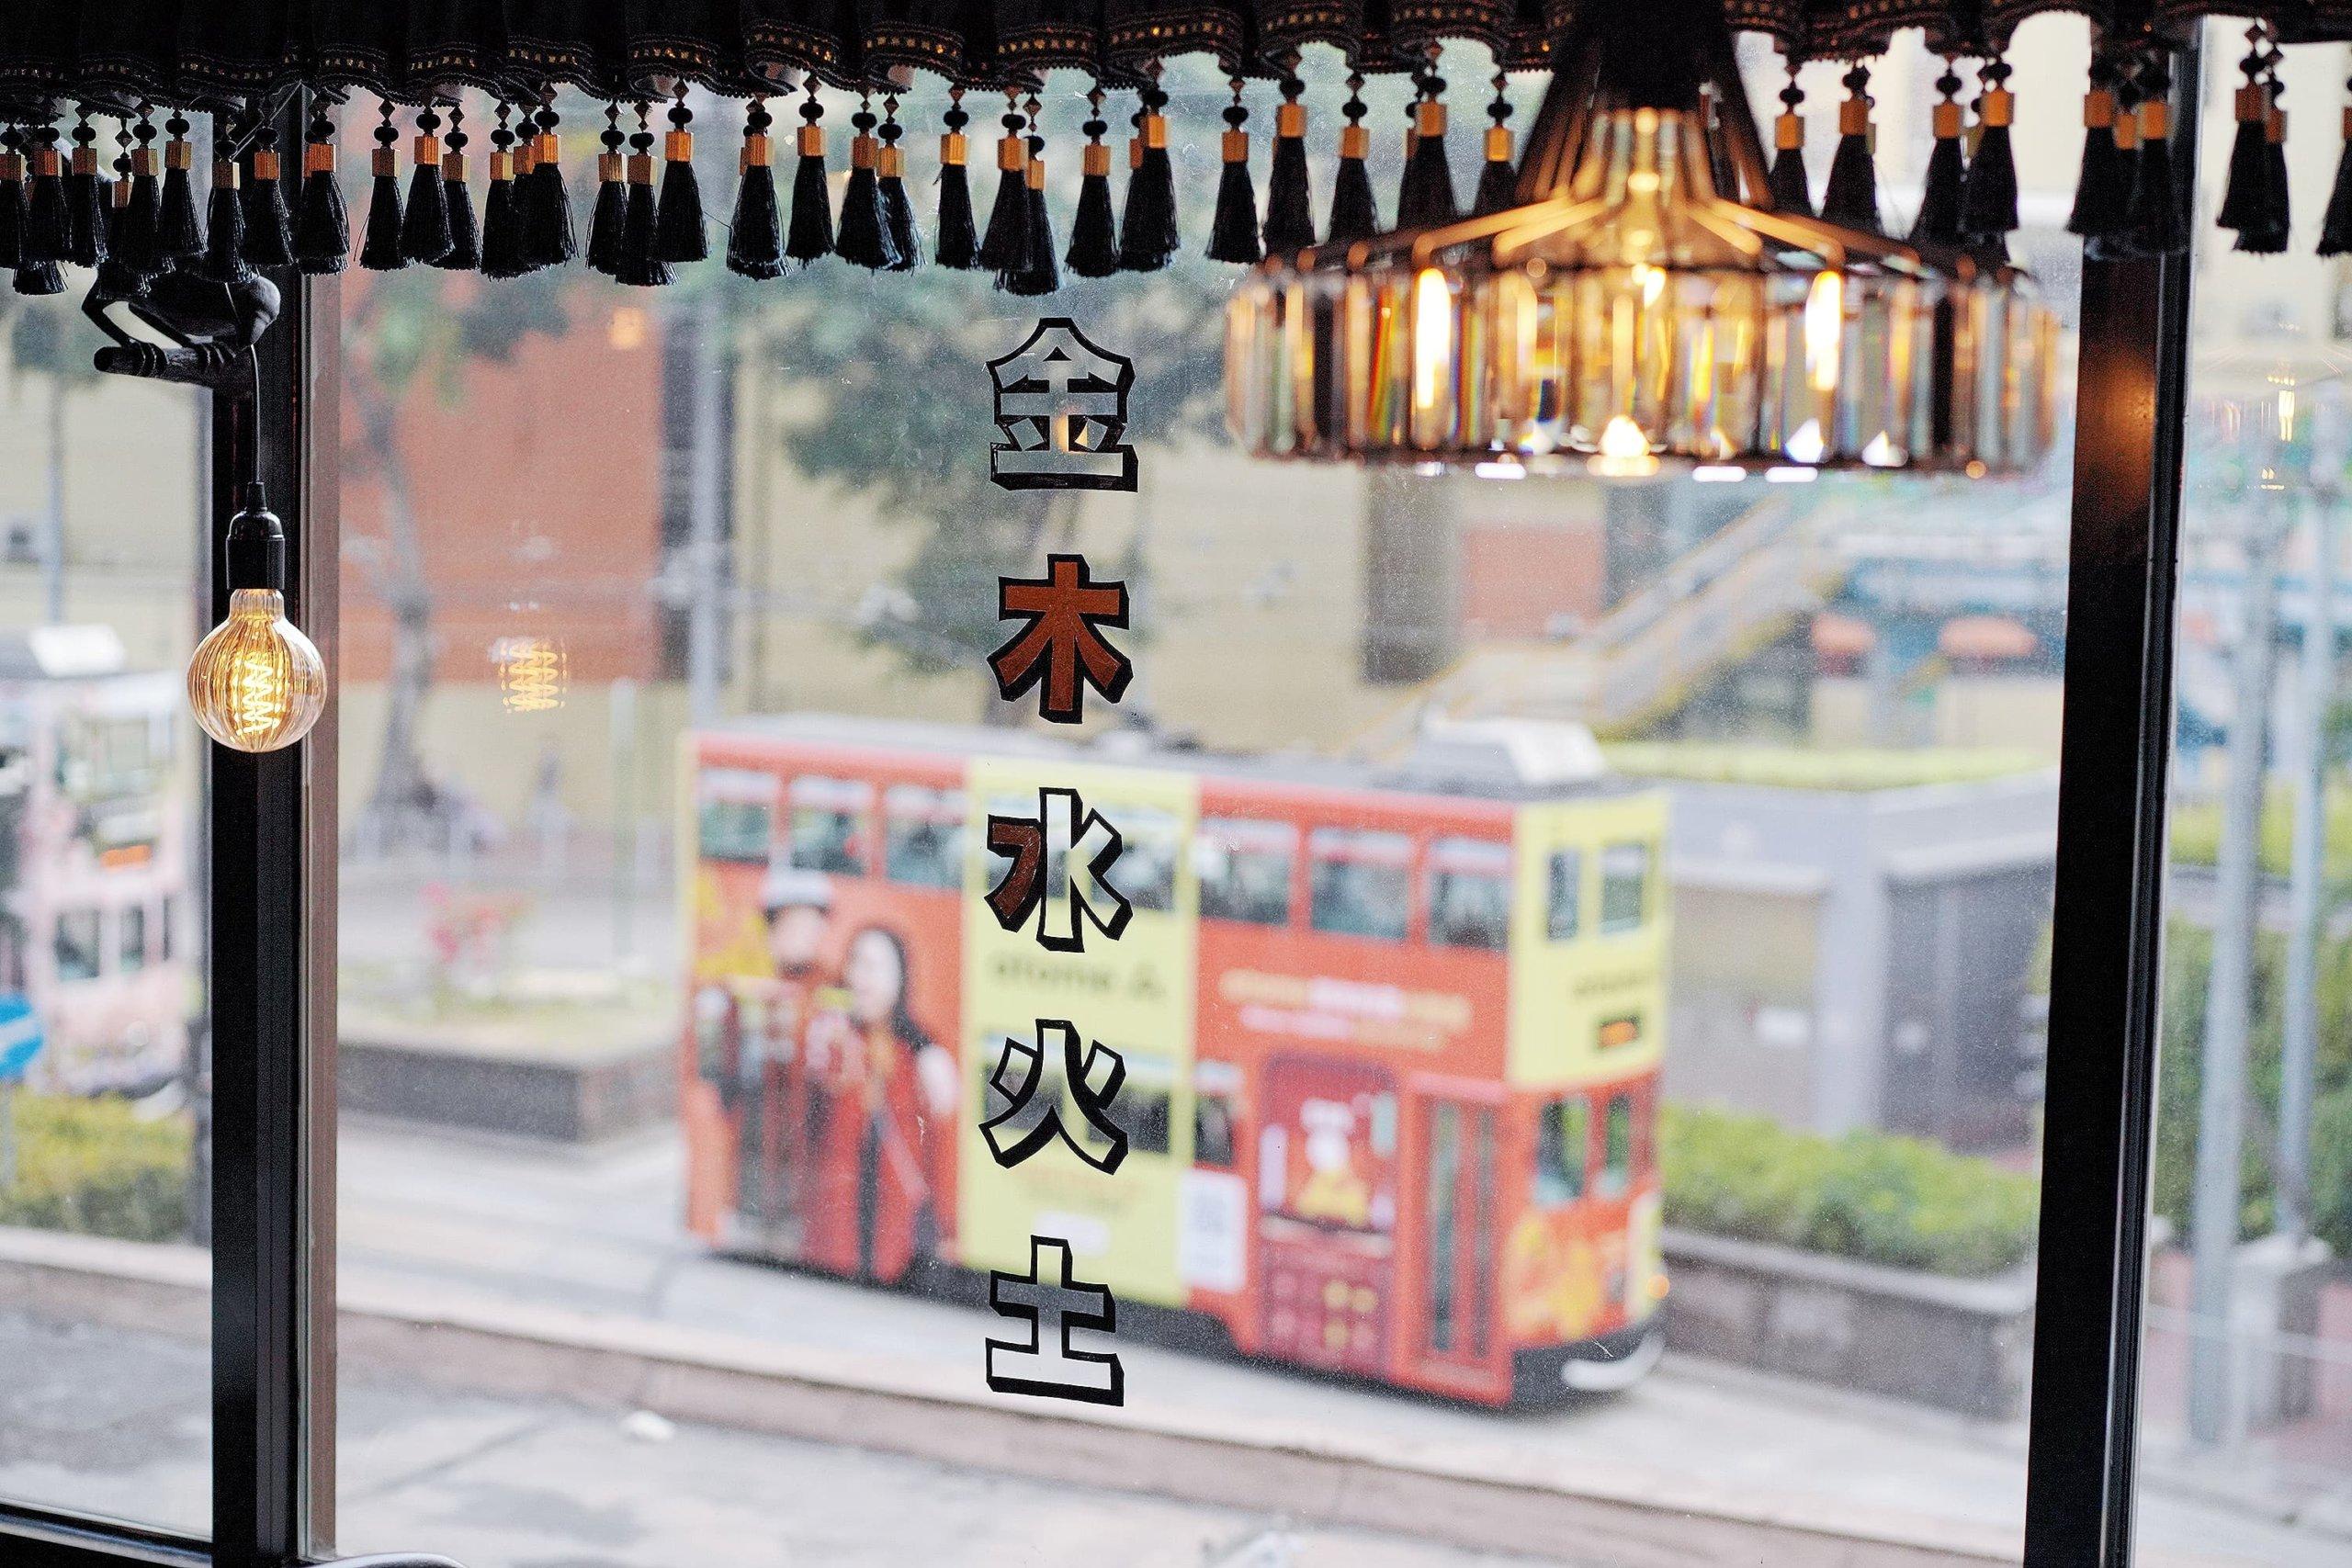 靠近窗位置,仲不時見到電車經過,玻璃上貼咗「金木水火土」五字!